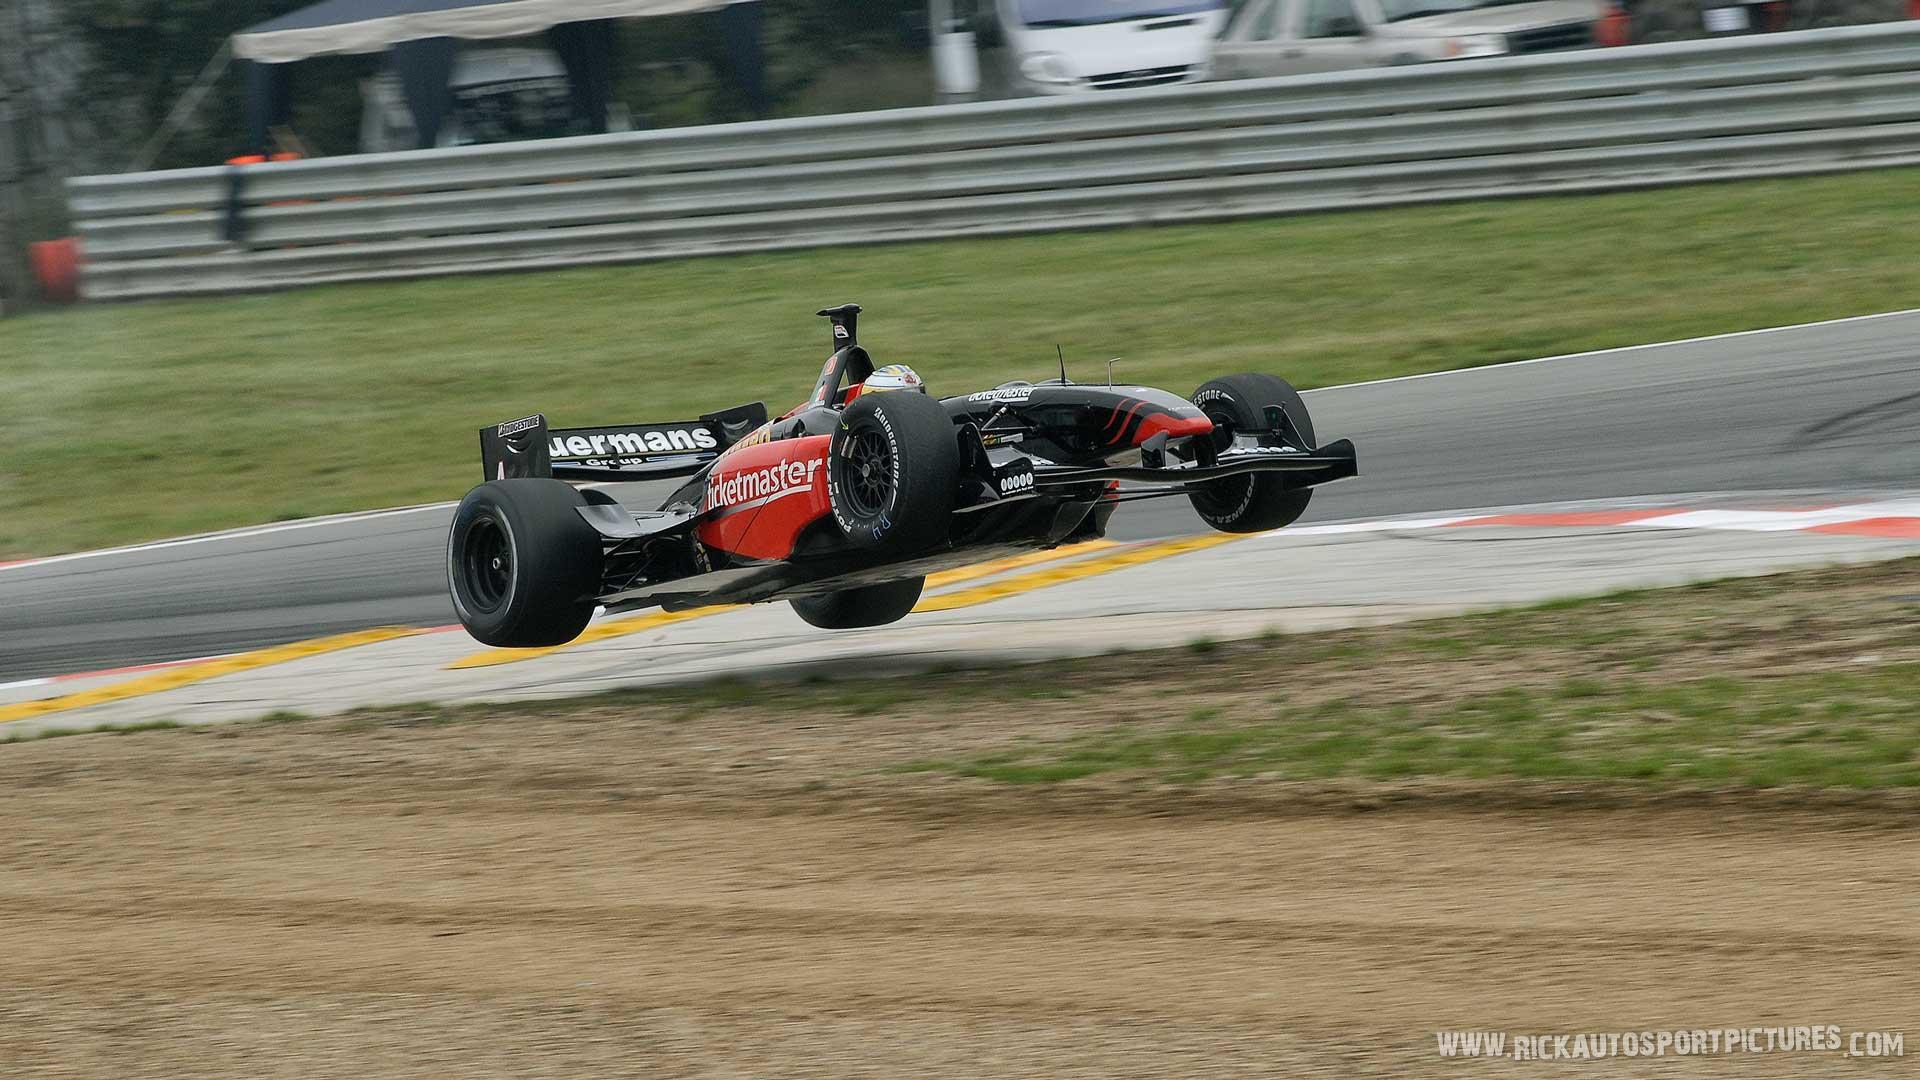 Mario Dominguez Champcar 2007